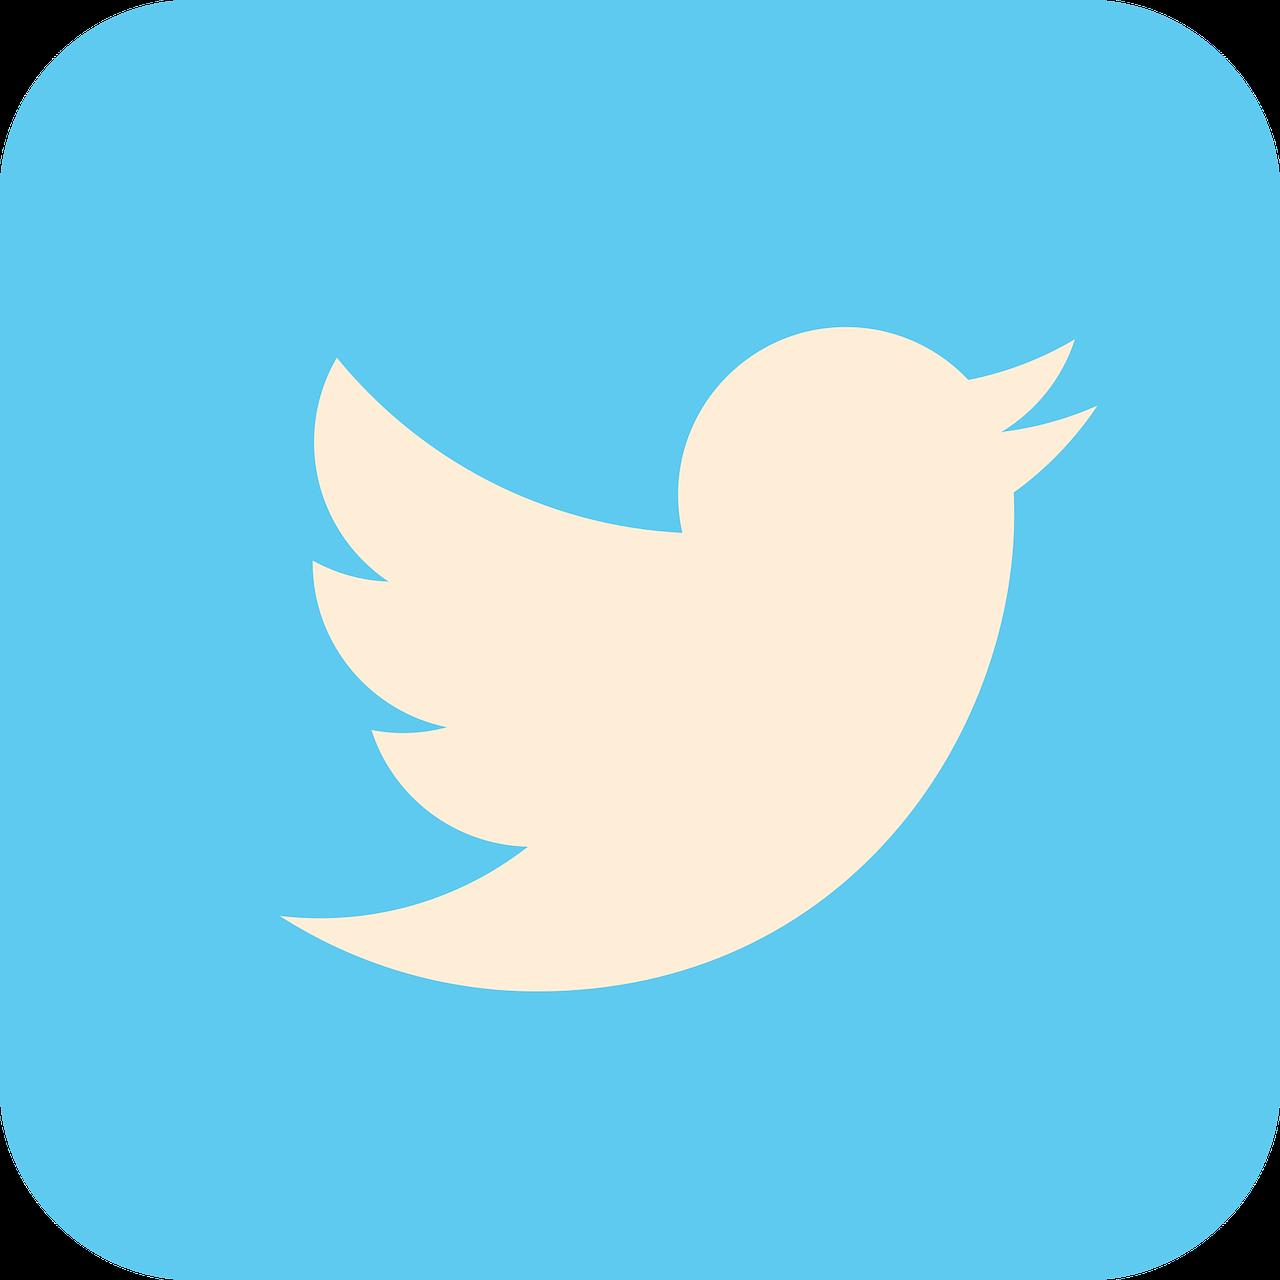 """Twitter ti avverte quando la discussione diventa """"rischiosa"""""""